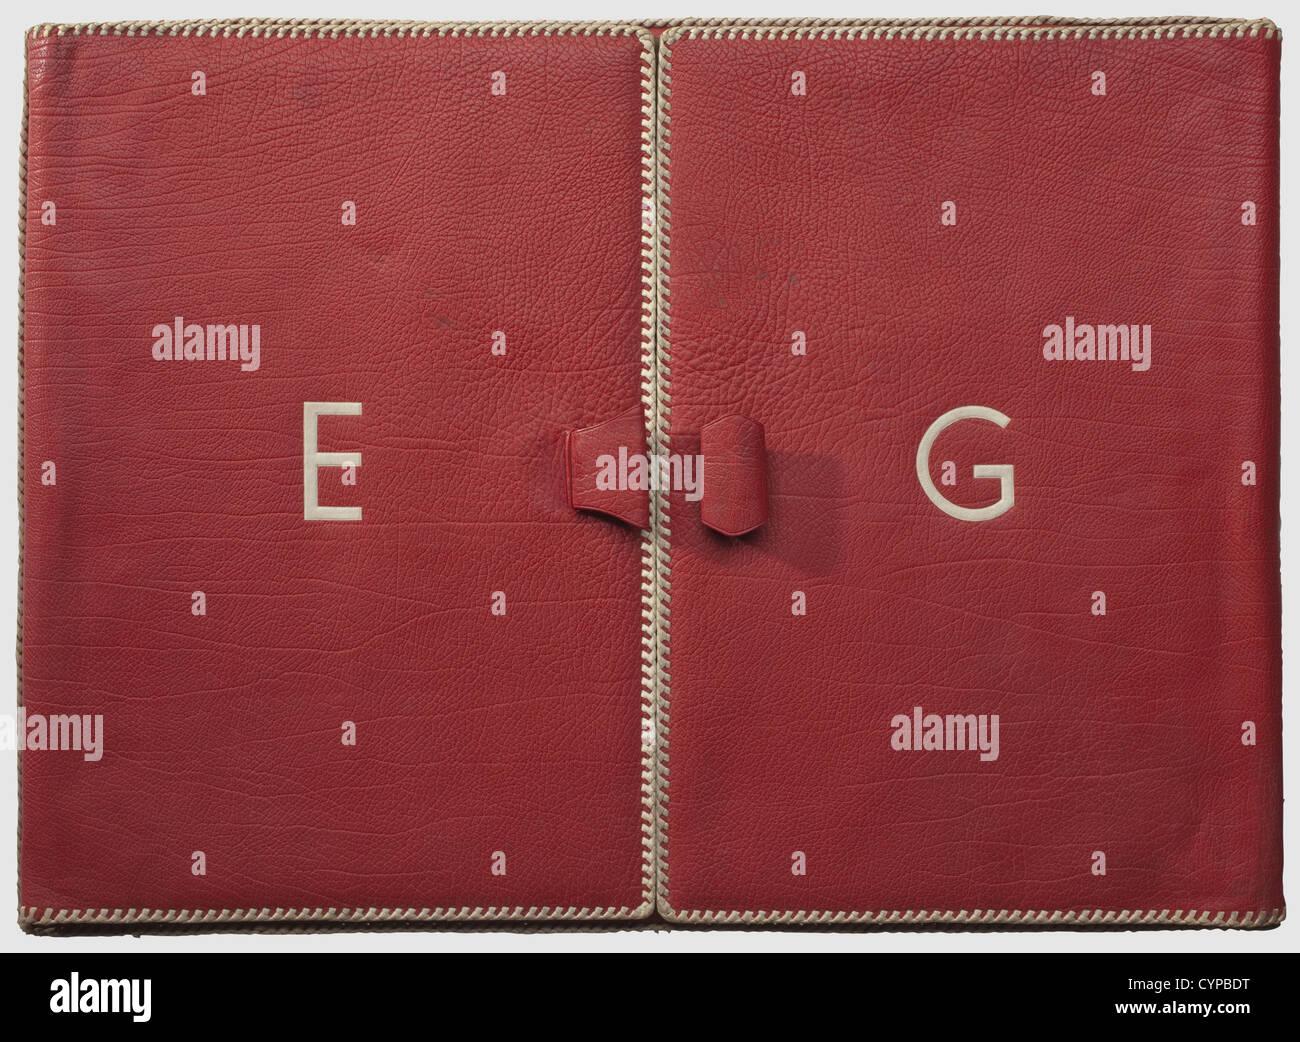 Emmy Göring Eine Leder Schreiben Fall Rot Marokko Leder